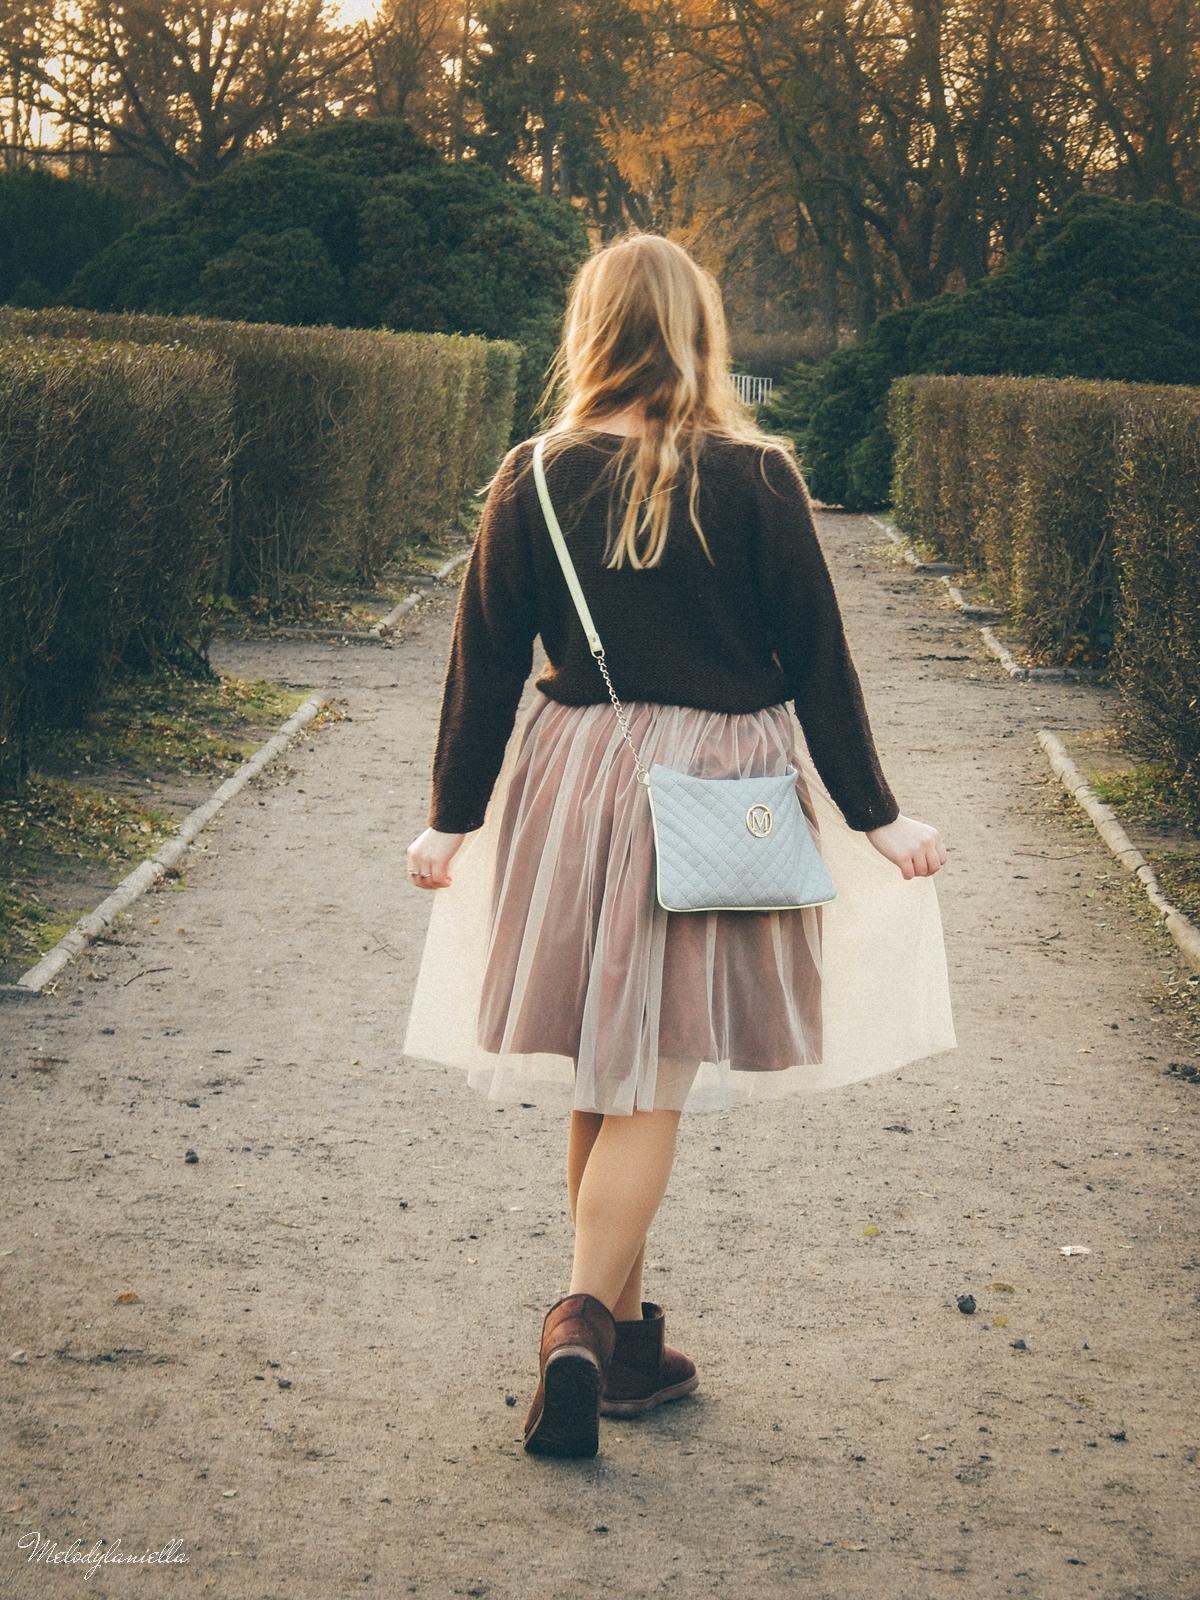 9. jesienna stylizacja tutu tiulowa spódnica dla dorosłych brązowy sweter torebka manzana melodylaniella autumn style fashion ciekawa stylizacja na jesień brązowa spódnica city